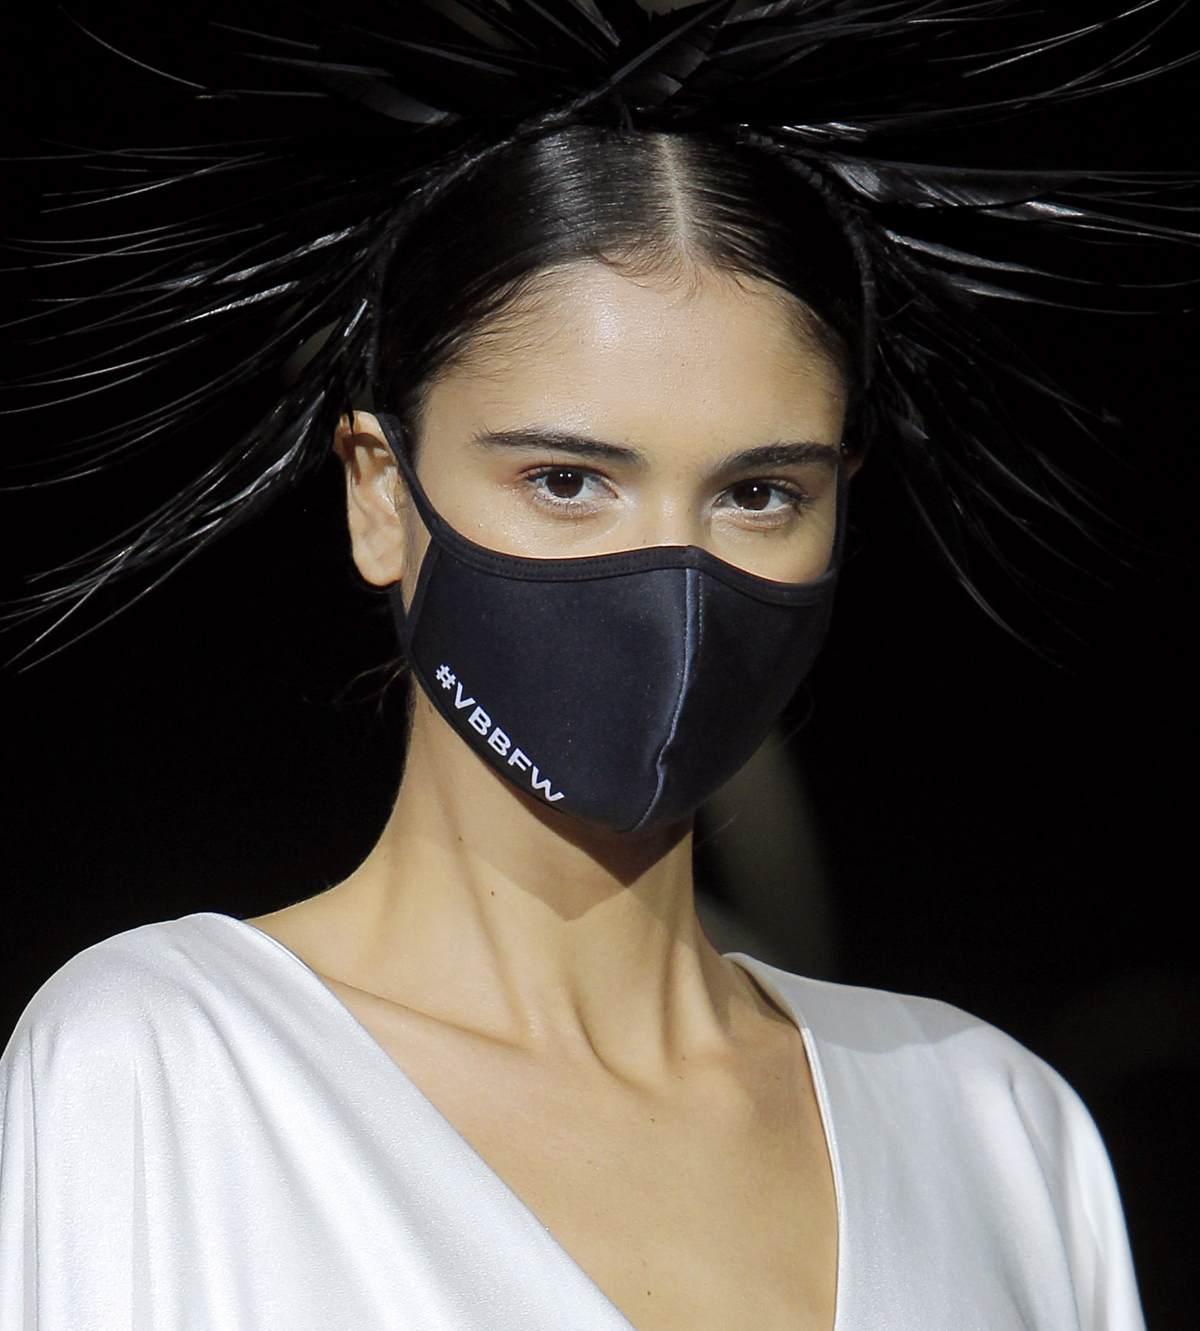 Novias con mascarilla: ¿Nueva tendencia en moda nupcial?